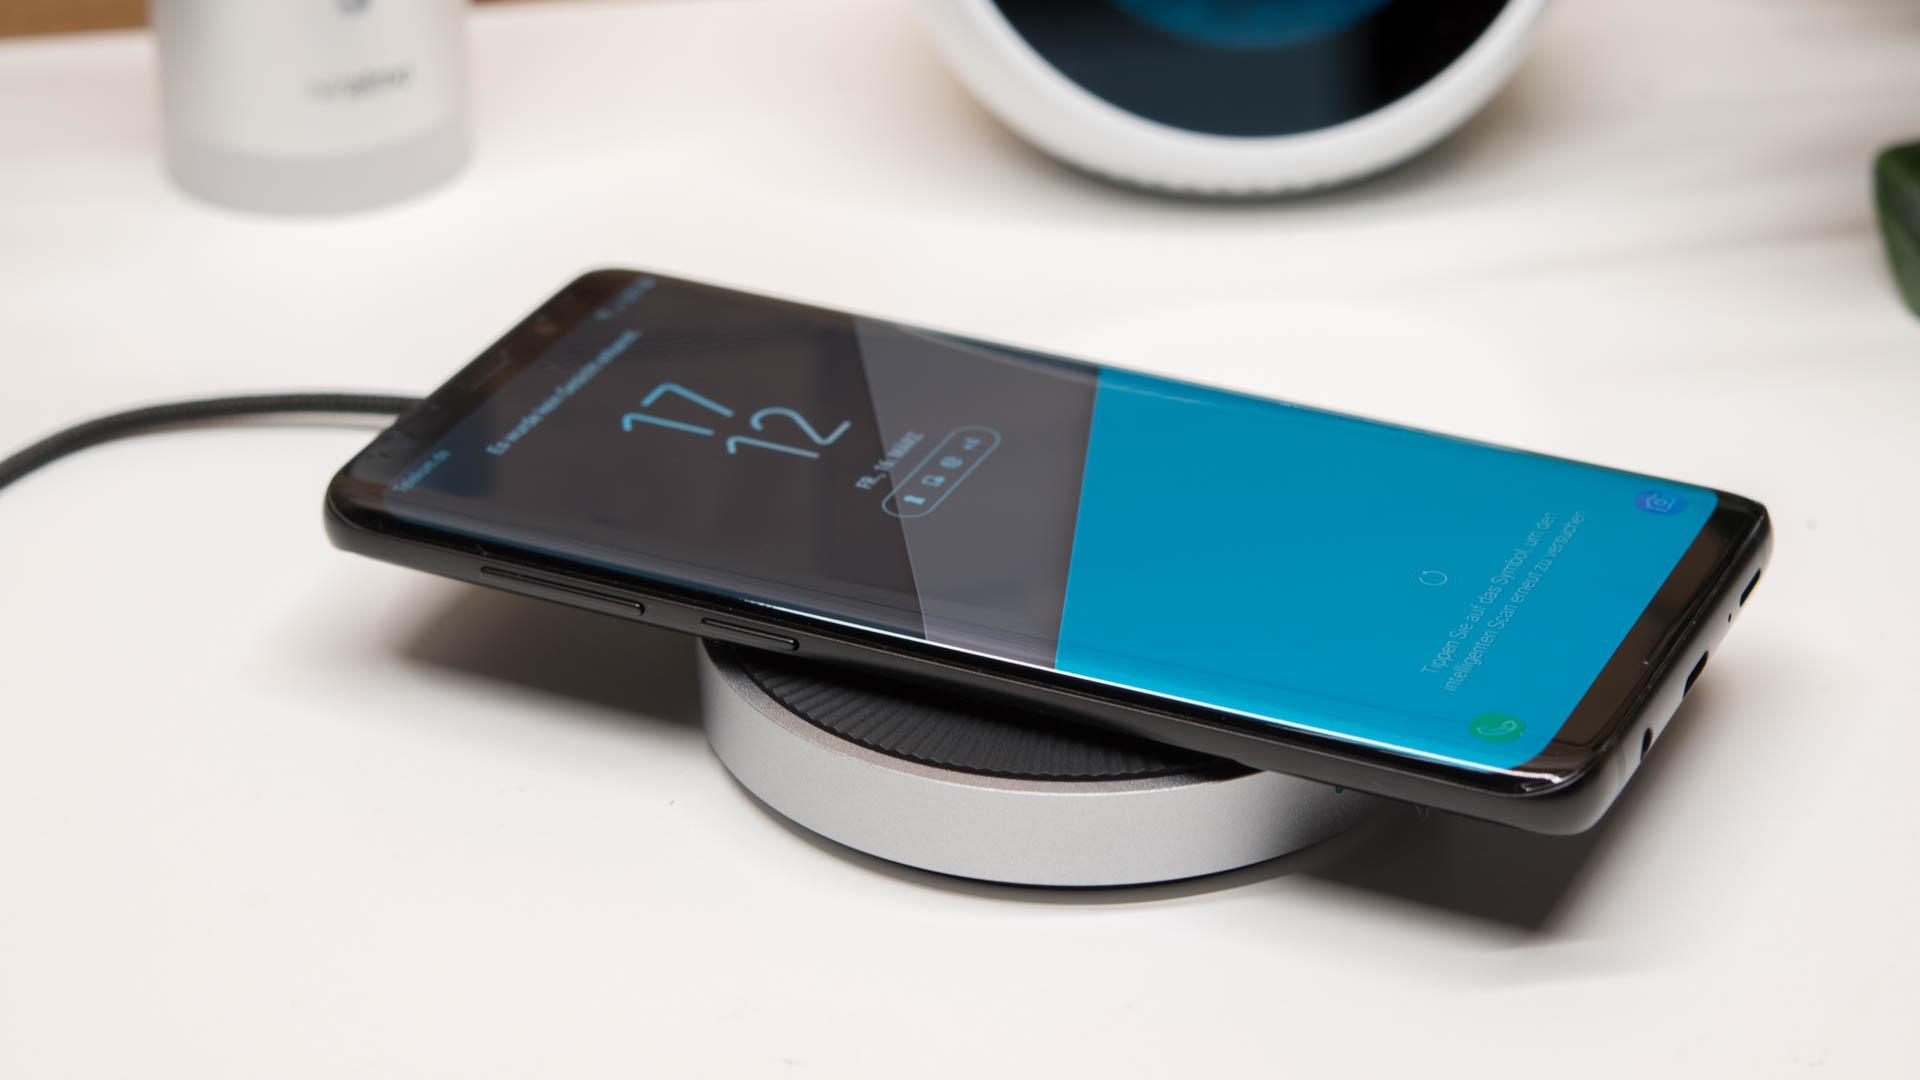 das spigen f306w essential kabelloses schnellladeger t im. Black Bedroom Furniture Sets. Home Design Ideas